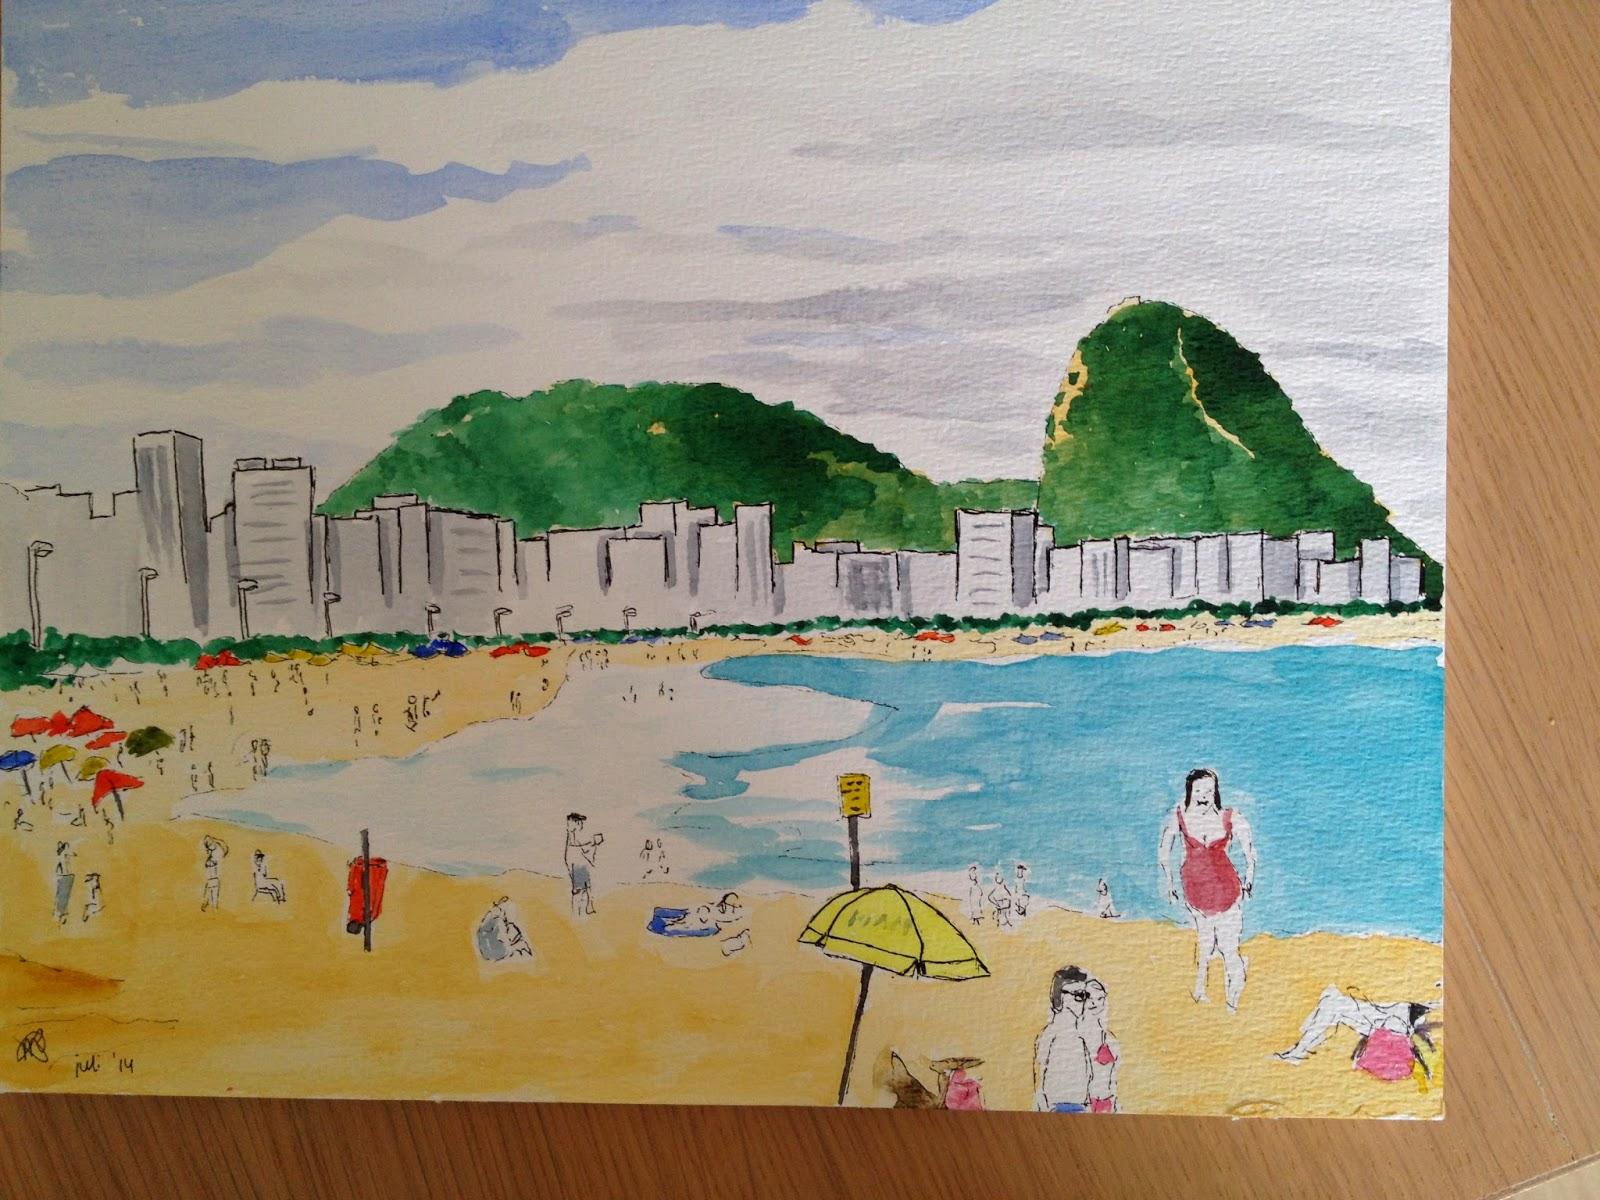 tekening van de copacabana